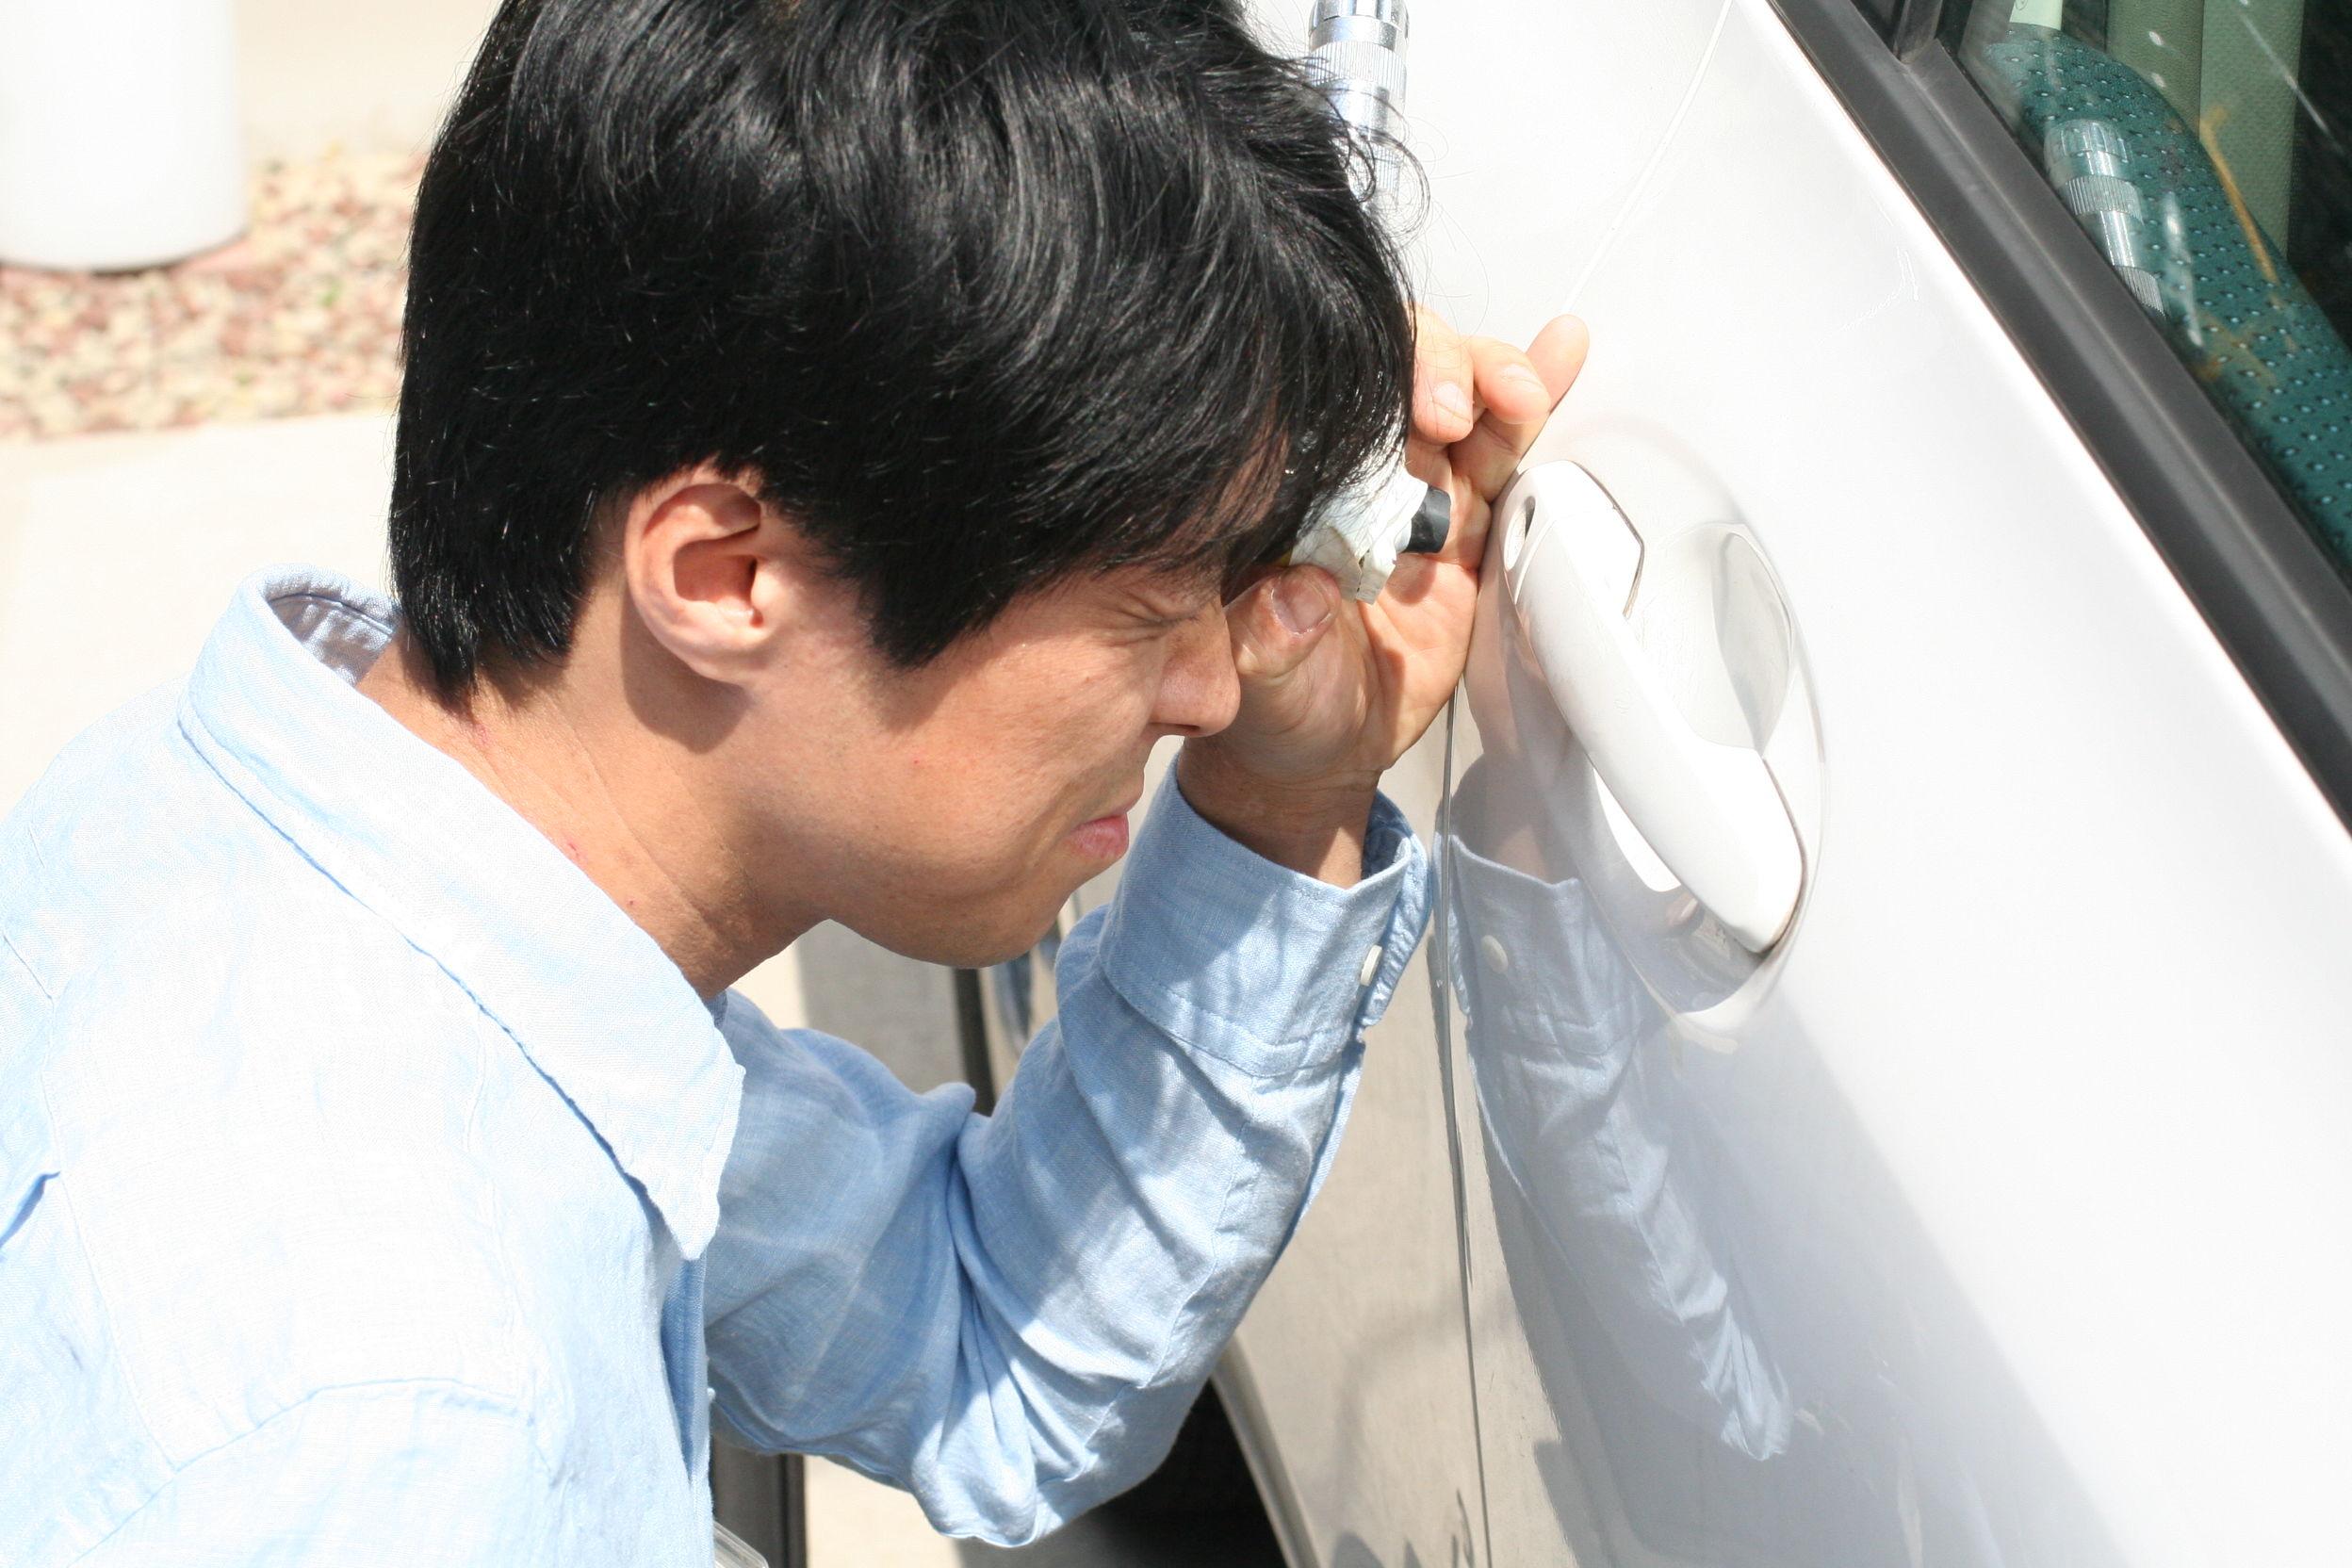 カギのトラブル救Q隊.24【倉吉市 出張エリア】のメイン画像